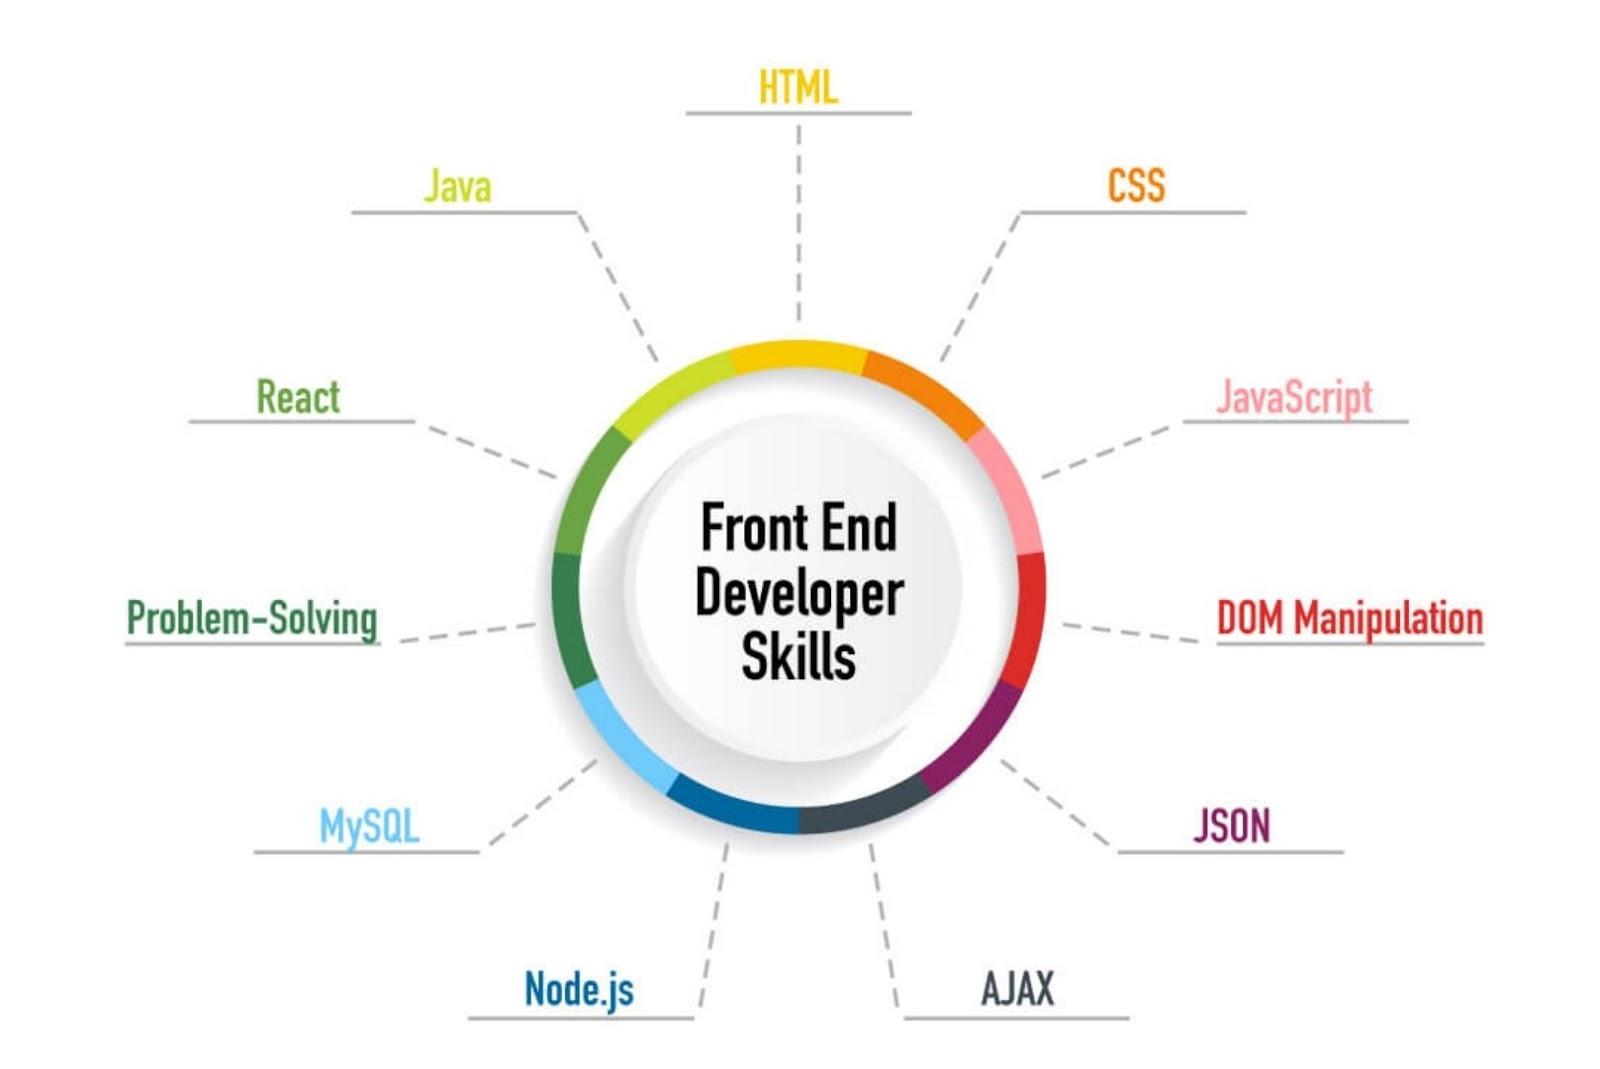 Front-end developer skills